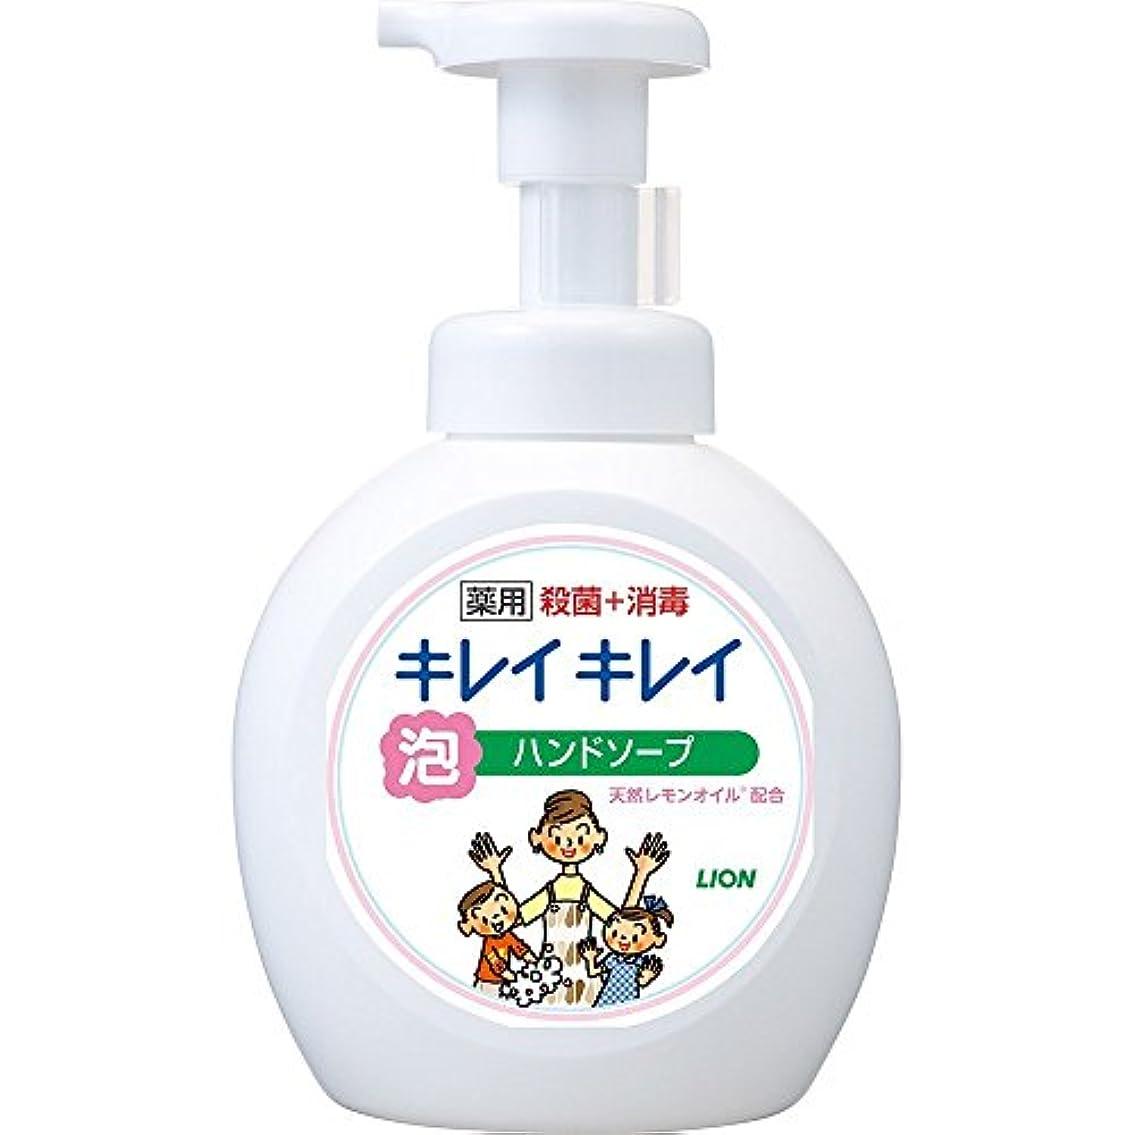 ねばねば政府平等キレイキレイ 薬用 泡ハンドソープ シトラスフルーティの香り 本体ポンプ 大型サイズ 500ml(医薬部外品)